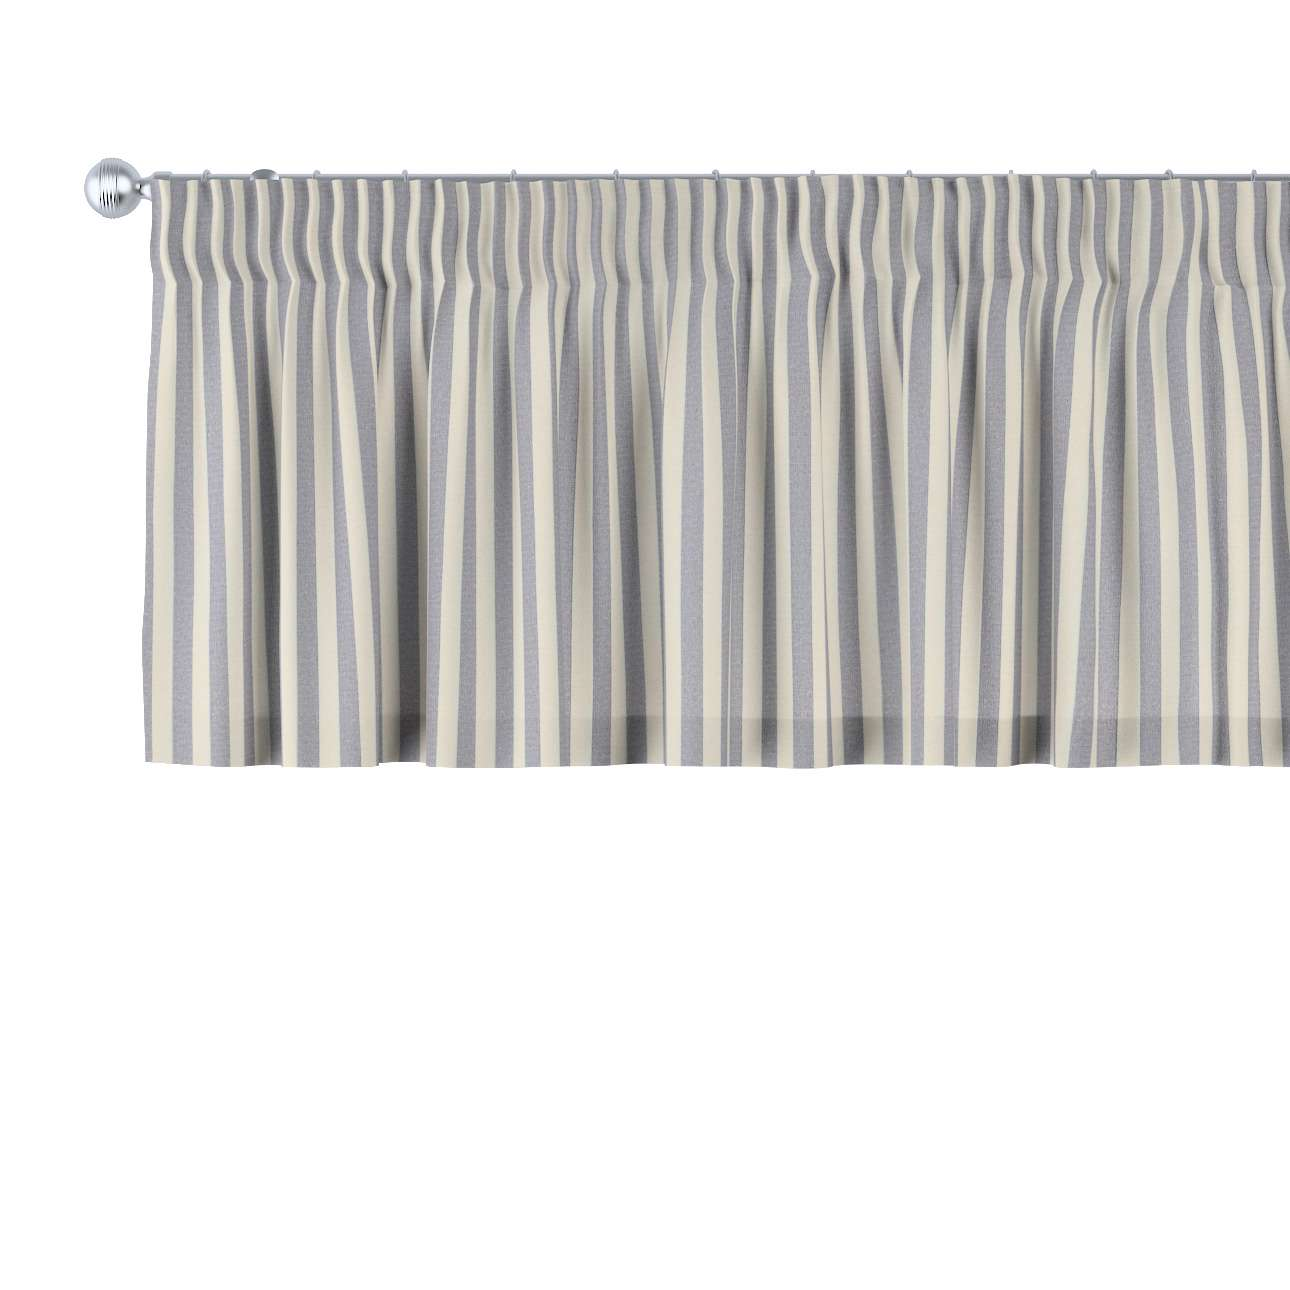 Lambrekin na taśmie marszczącej 130 x 40 cm w kolekcji Quadro, tkanina: 136-02